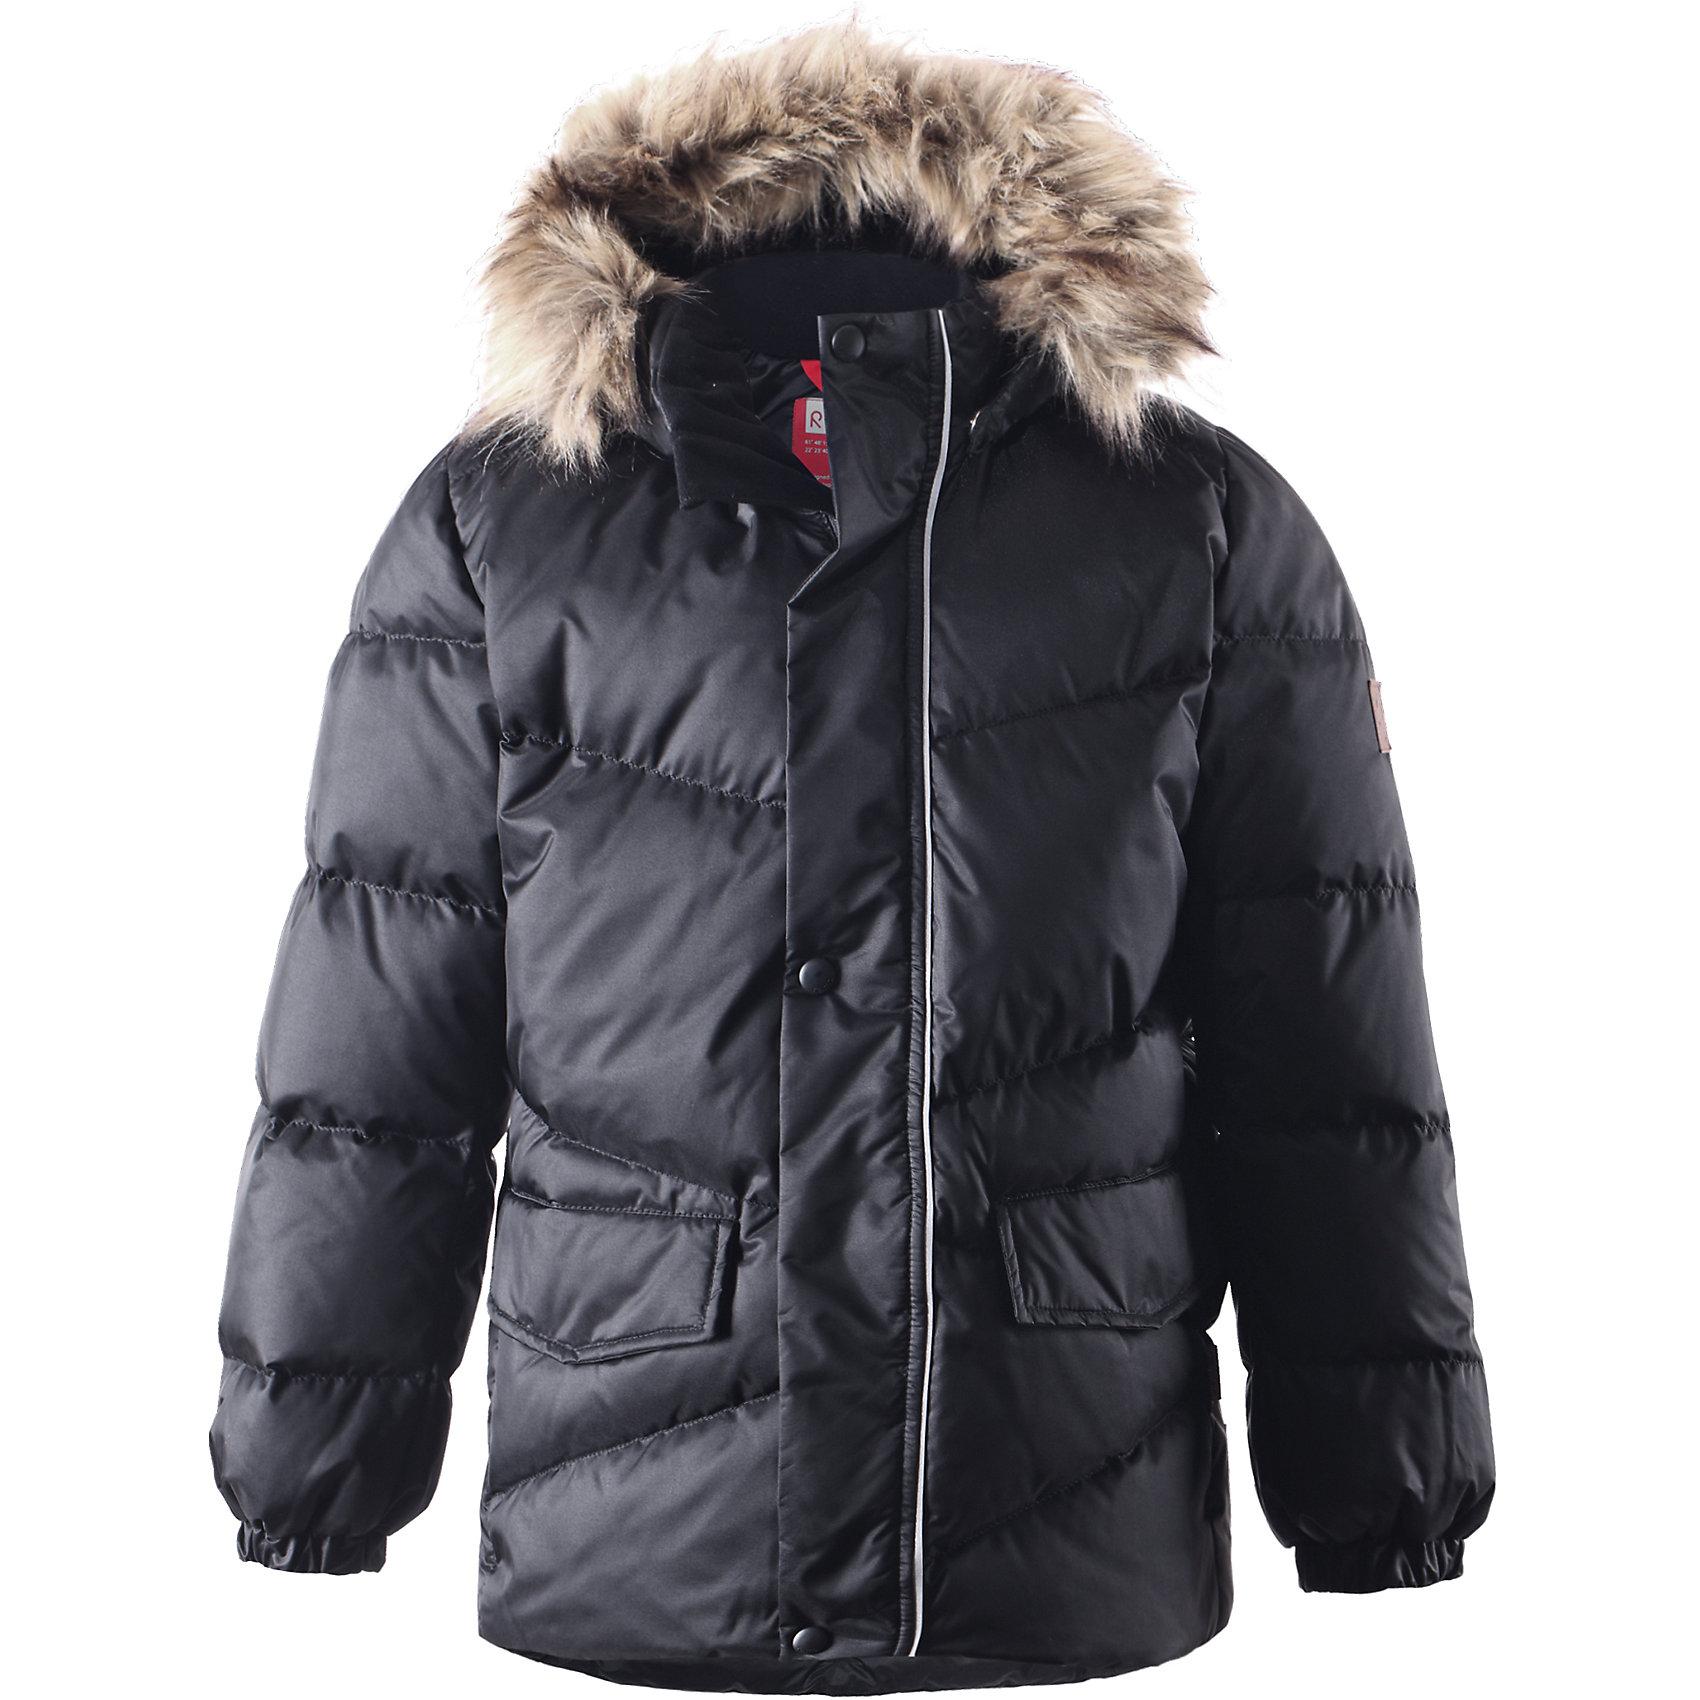 Куртка Pause для мальчика ReimaКуртка для мальчика Reima<br>Пуховая куртка для подростков. Водоотталкивающий, ветронепроницаемый, «дышащий» и грязеотталкивающий материал. Гладкая подкладка из полиэстра. В качестве утеплителя использованы пух и перо (60%/40%). Безопасный съемный капюшон с отсоединяемой меховой каймой из искусственного меха. Регулируемый подол. Два кармана с клапанами. Безопасные светоотражающие детали. Петля для дополнительных светоотражающих деталей.<br>Уход:<br>Стирать по отдельности, вывернув наизнанку. Перед стиркой отстегните искусственный мех. Застегнуть молнии и липучки. Стирать моющим средством, не содержащим отбеливающие вещества. Полоскать без специального средства. Во избежание изменения цвета изделие необходимо вынуть из стиральной машинки незамедлительно после окончания программы стирки. Барабанное сушение при низкой температуре с 3 теннисными мячиками. Выверните изделие наизнанку в середине сушки.<br>Состав:<br>65% Полиамид, 35% Полиэстер, полиуретановое покрытие<br><br>Ширина мм: 356<br>Глубина мм: 10<br>Высота мм: 245<br>Вес г: 519<br>Цвет: черный<br>Возраст от месяцев: 108<br>Возраст до месяцев: 120<br>Пол: Мужской<br>Возраст: Детский<br>Размер: 140,134,128,110,146,152,158,116,122,164,104<br>SKU: 4778303